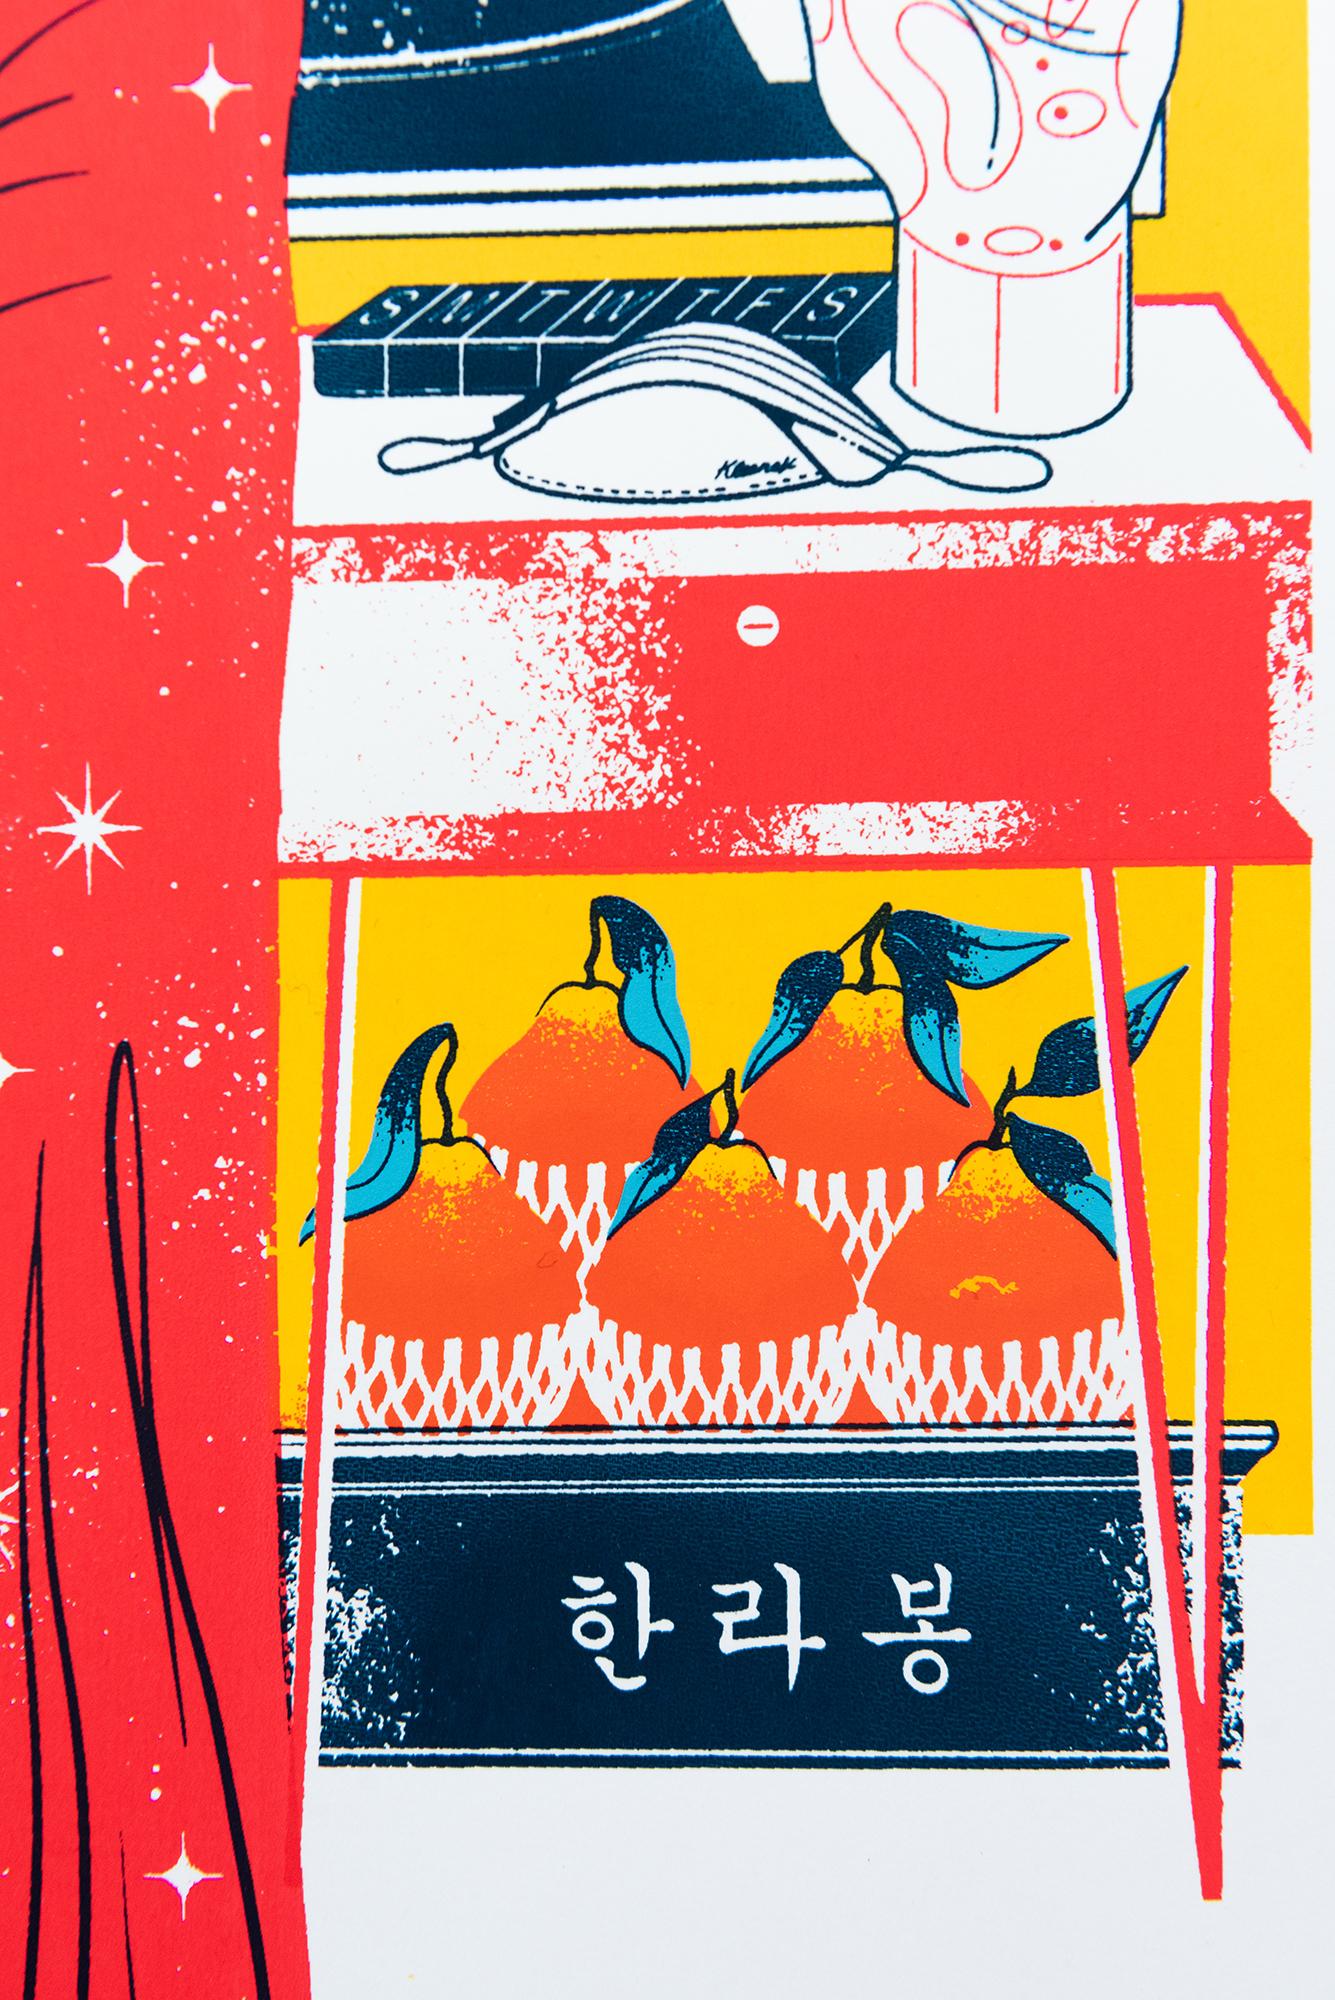 '한라봉' or 'Hallabong' oranges are popular souvenirs from Korea's Jeju Island